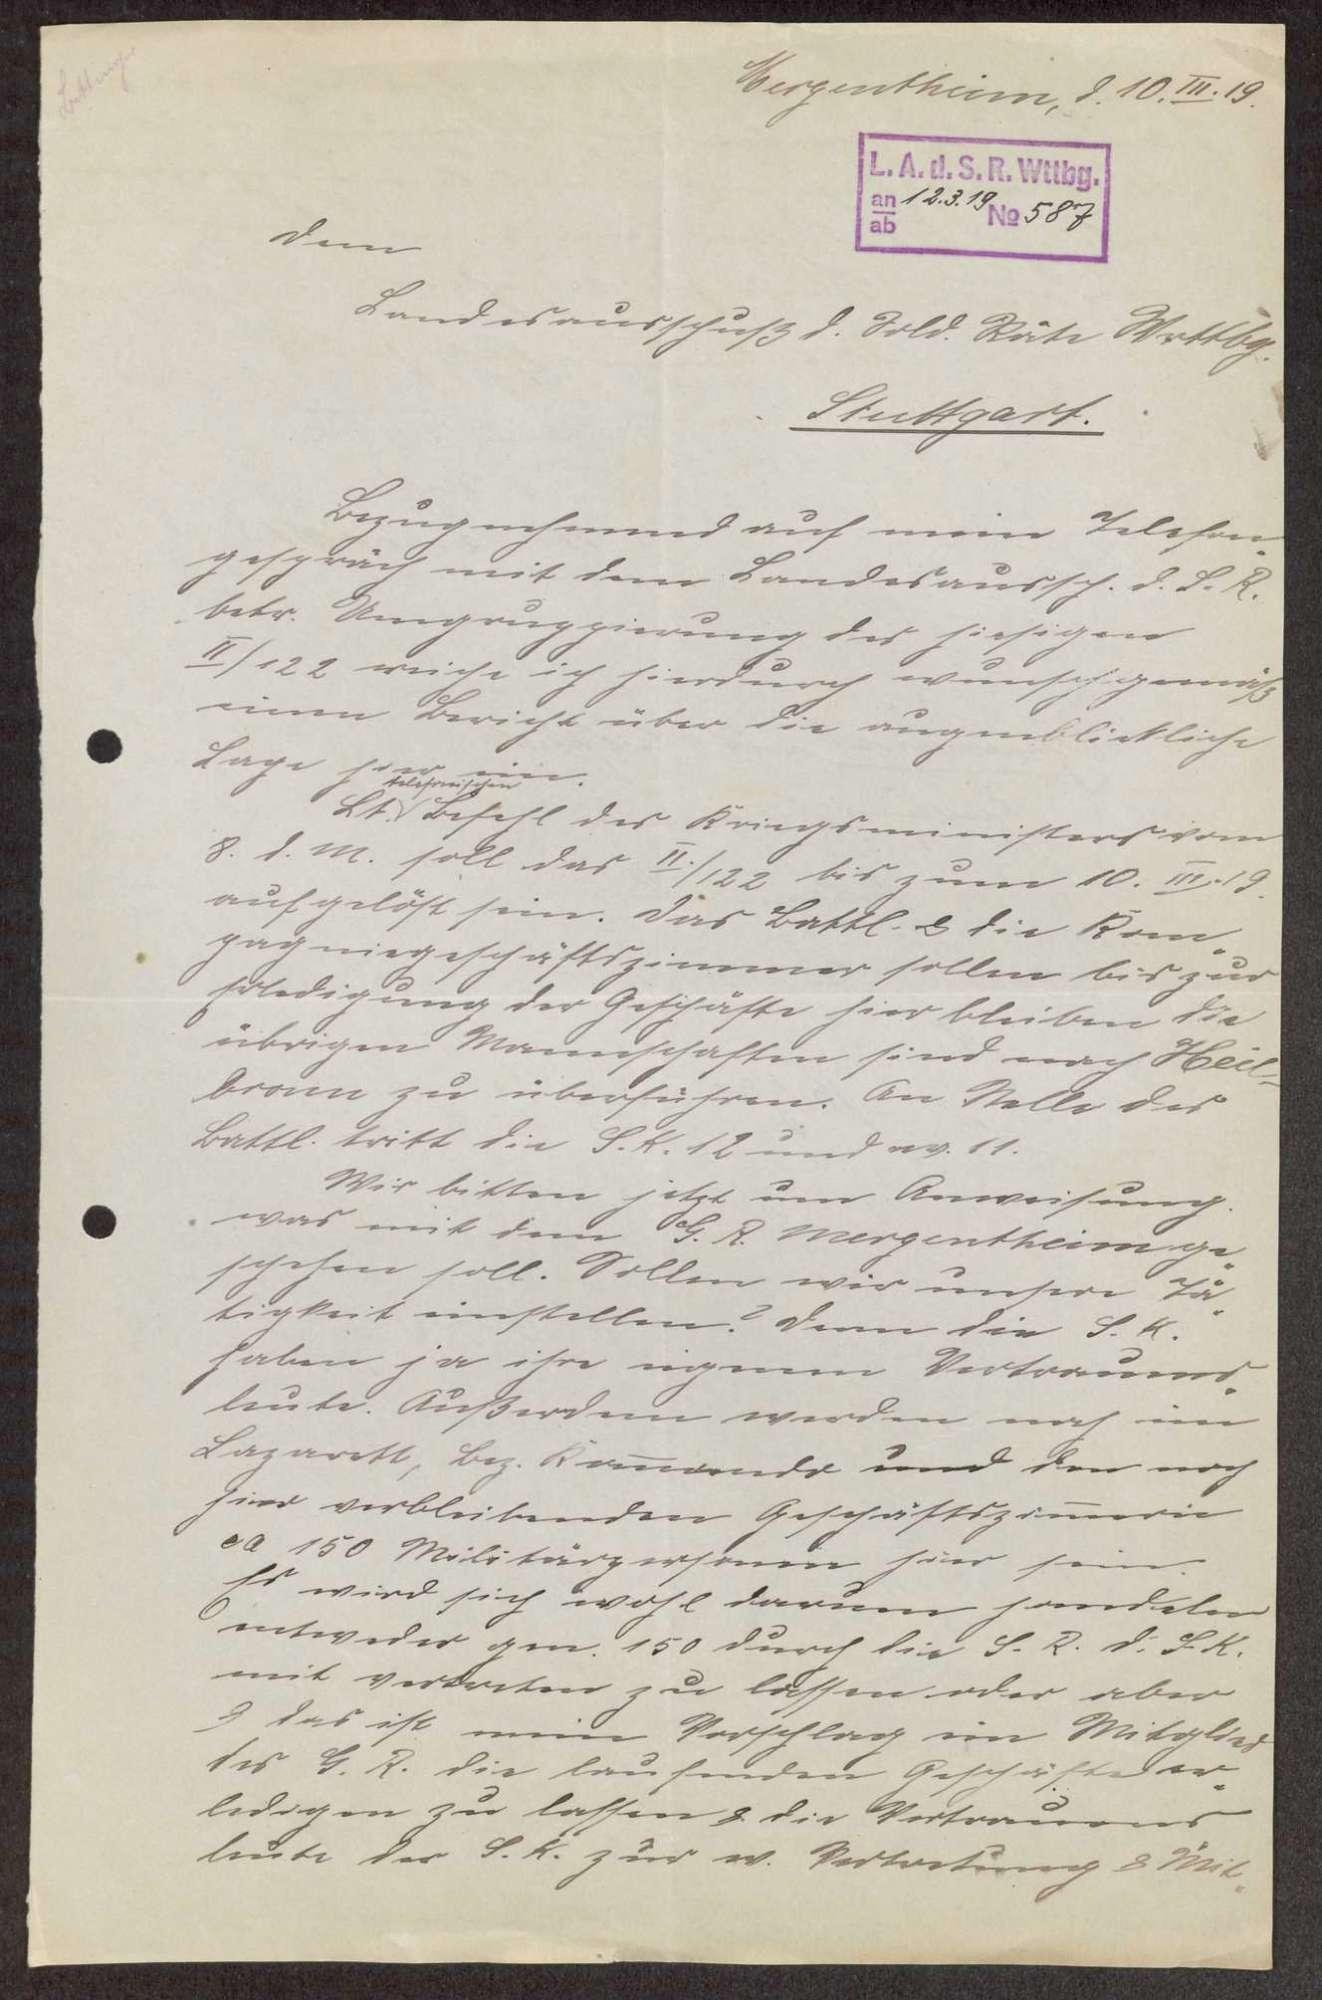 Garnisonsrat Mergentheim: Zusammensetzung, Ausweis, Aufhebung, Bild 1